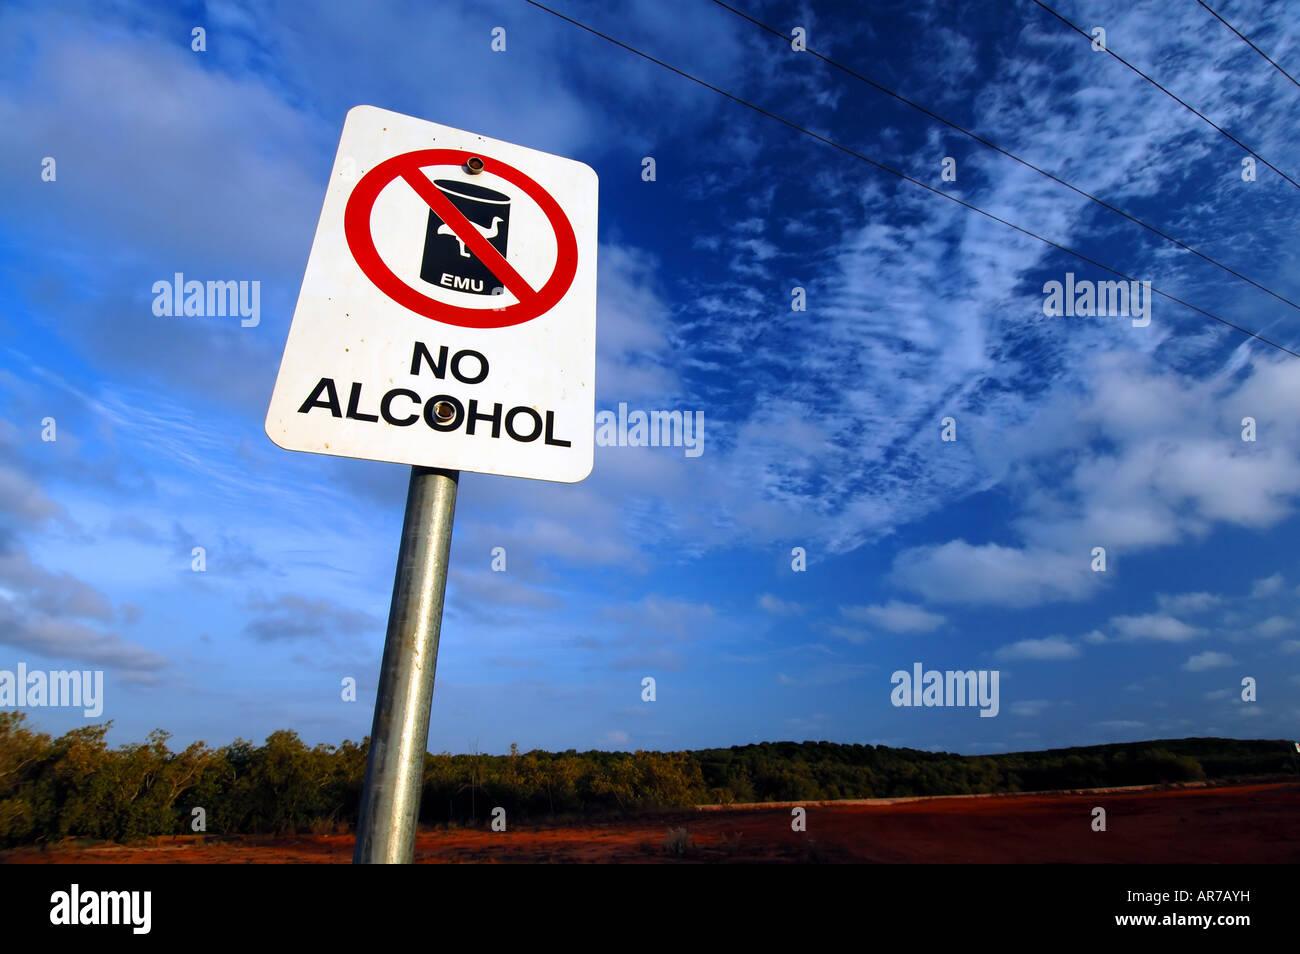 Wenn Sie eine Alkoholikerin datieren